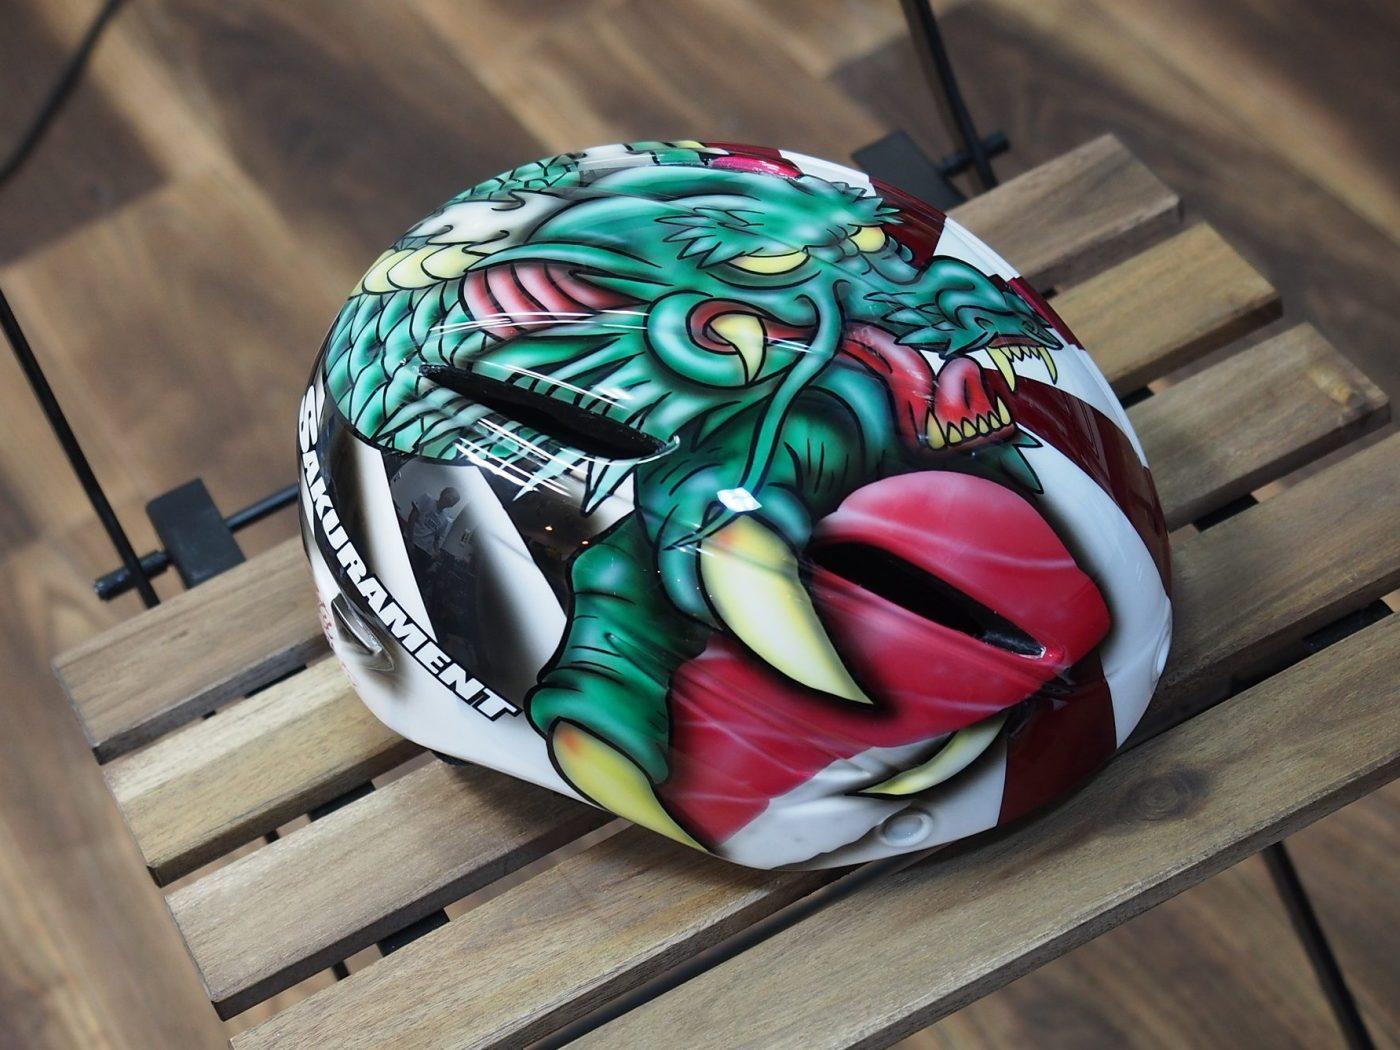 モチーフのドラゴンが握るのはマリノの大好物『赤身/中トロ』!サイドには盟友クニヒロスズキ率いるショップ『サクラメント』のロゴ入り